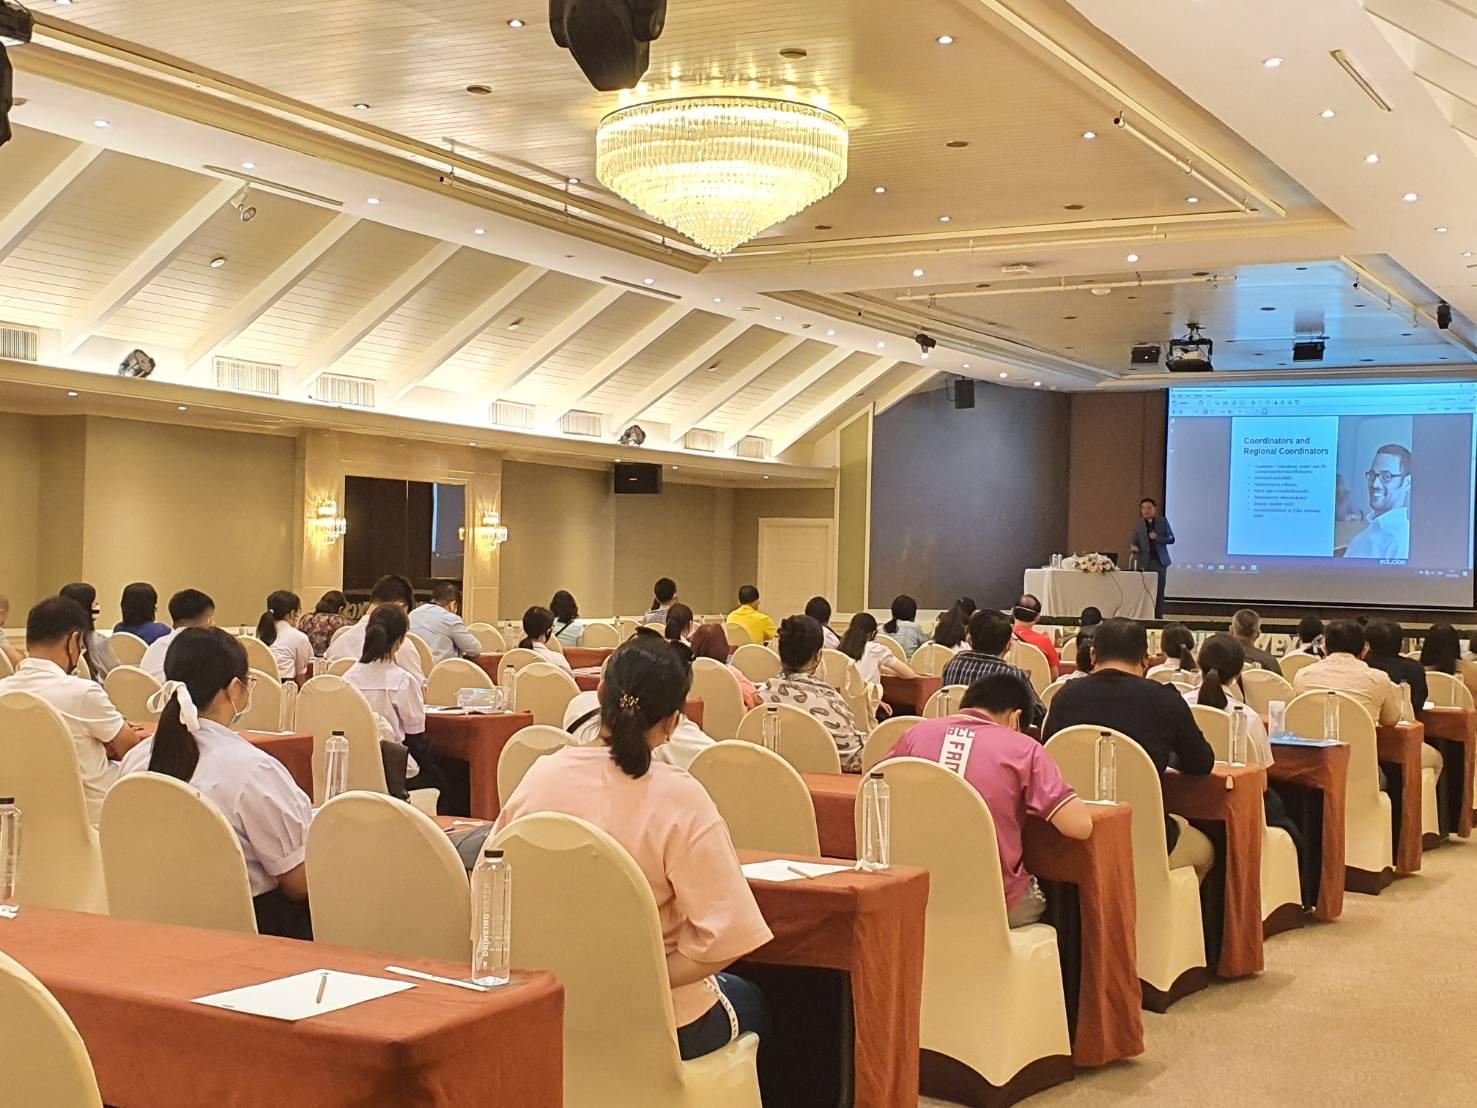 การประชุมเตรียมความพร้อมก่อนออกเดินทางปี 2020-2021